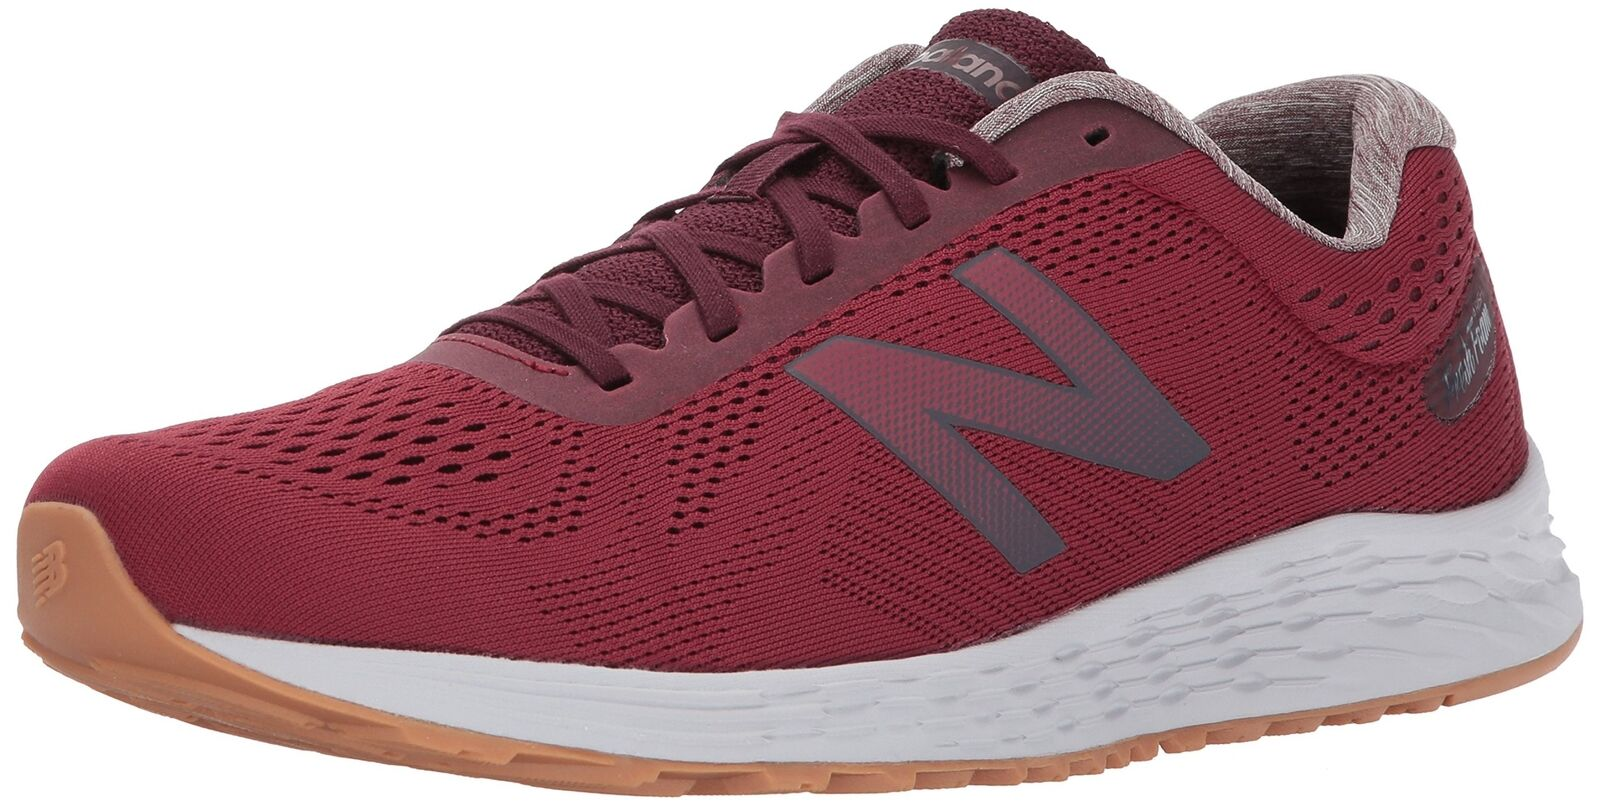 New Balance Men's Arishi V1 Running-shoes, Dark Red, 9 D US